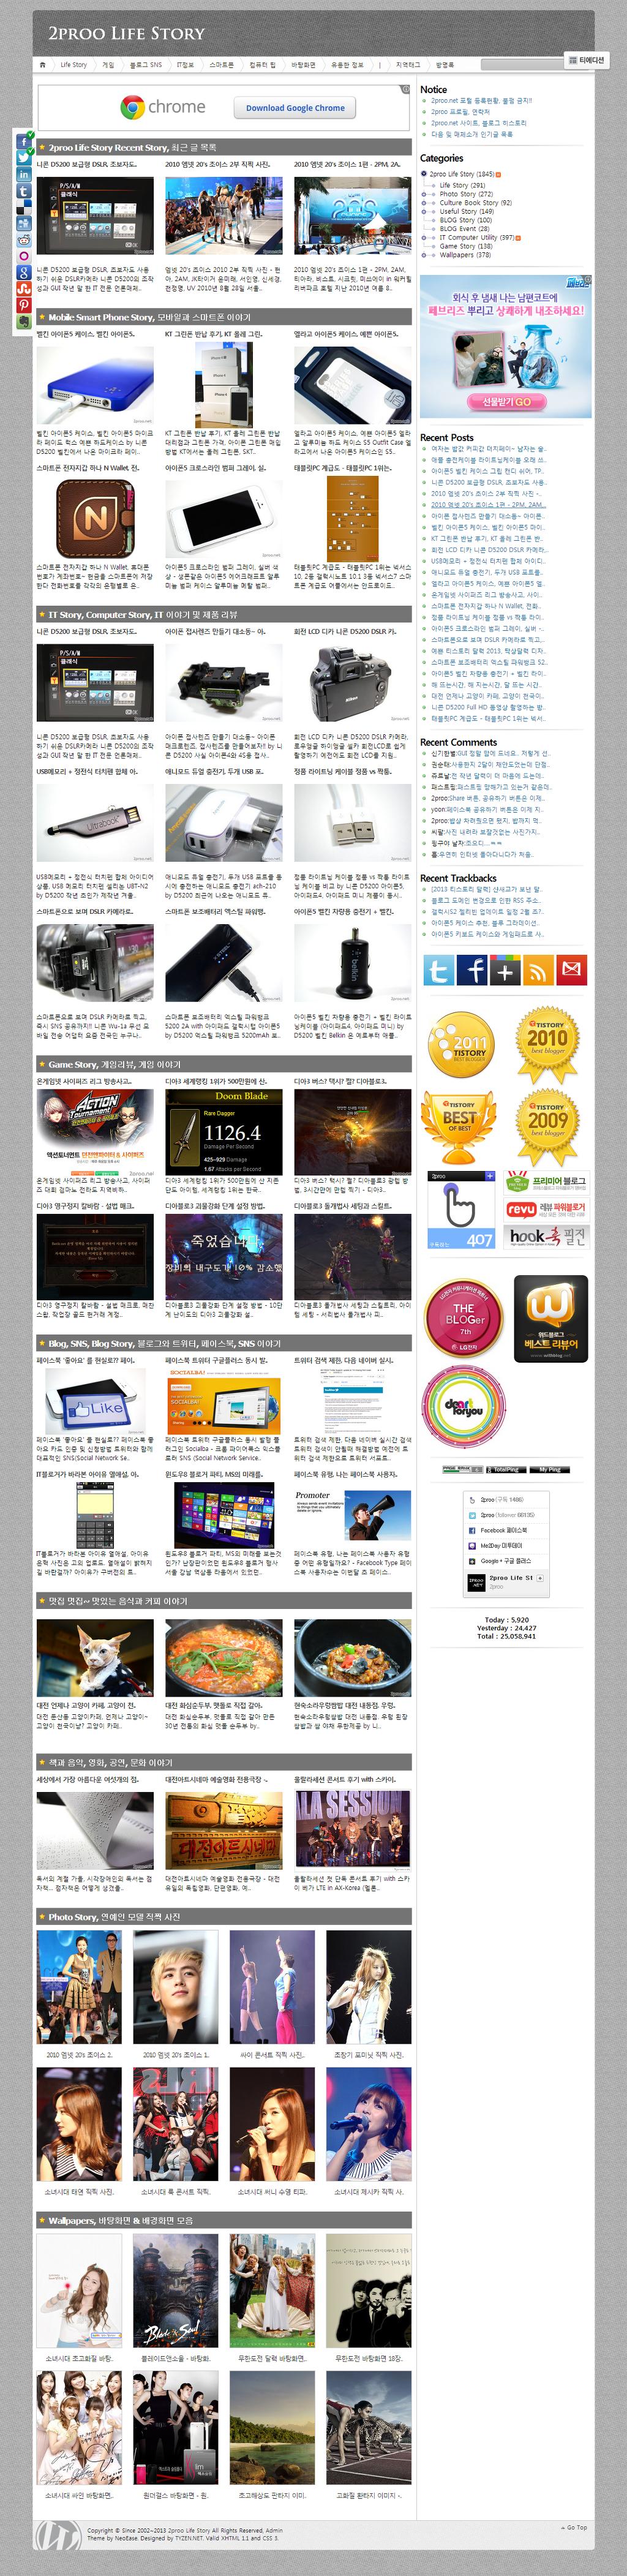 2proo.net 티스토리 스킨 변경 2012